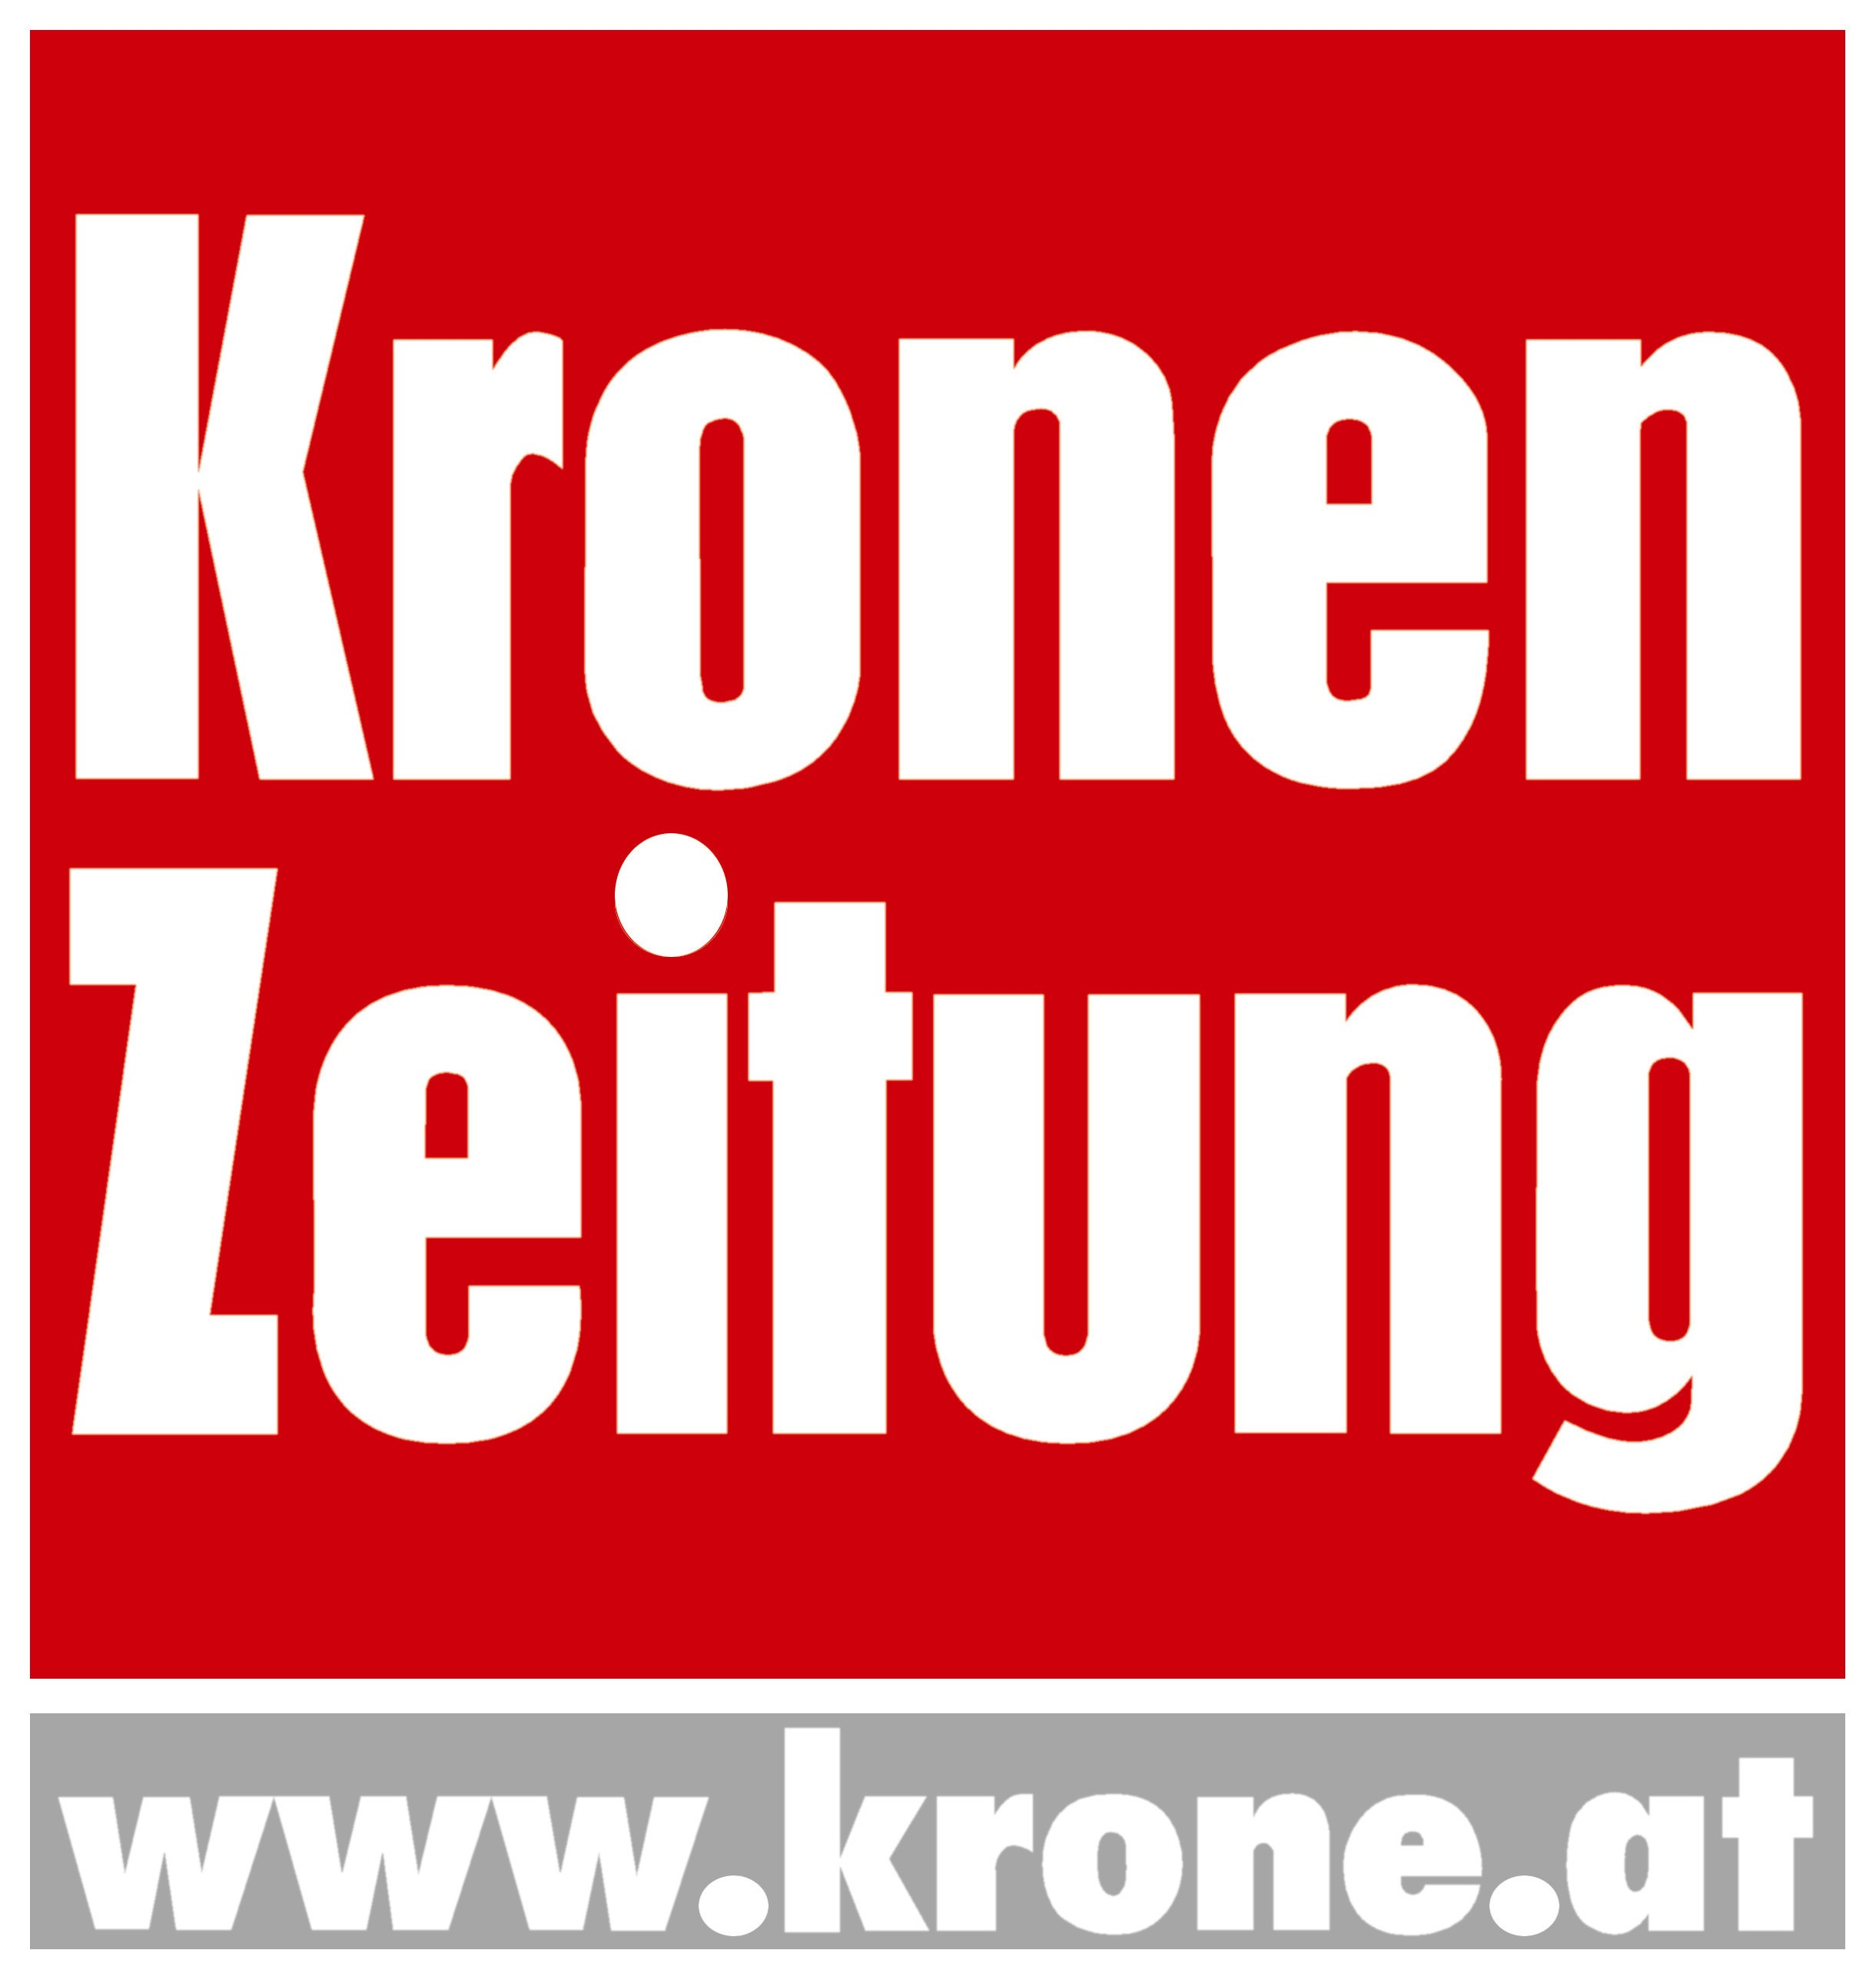 kronen zeitung - oglaševanje, ki deluje